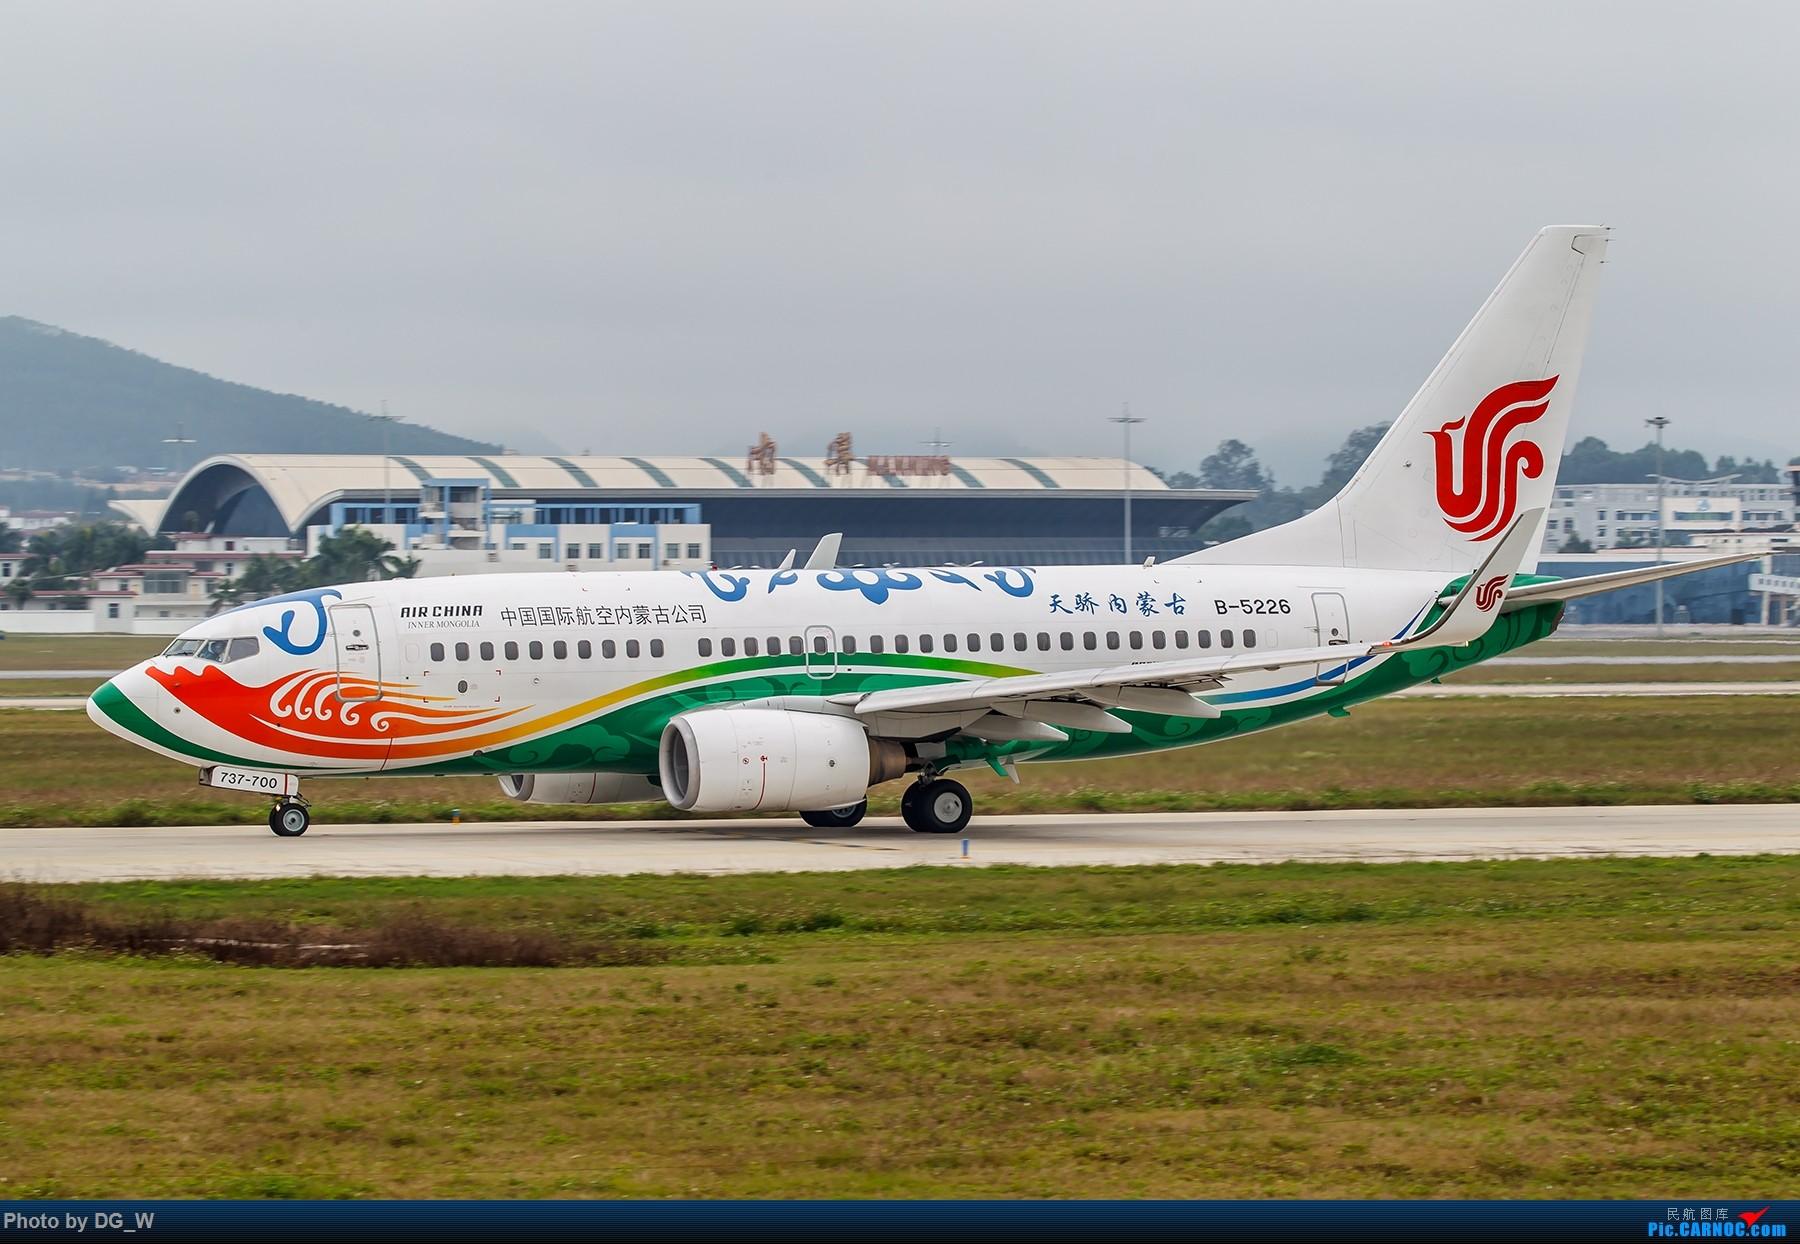 Re:[原创]【南宁飞友】集齐南航邮戳738,外加最近半年拍的部分彩绘 BOEING 737-700 B-5226 中国南宁吴圩国际机场